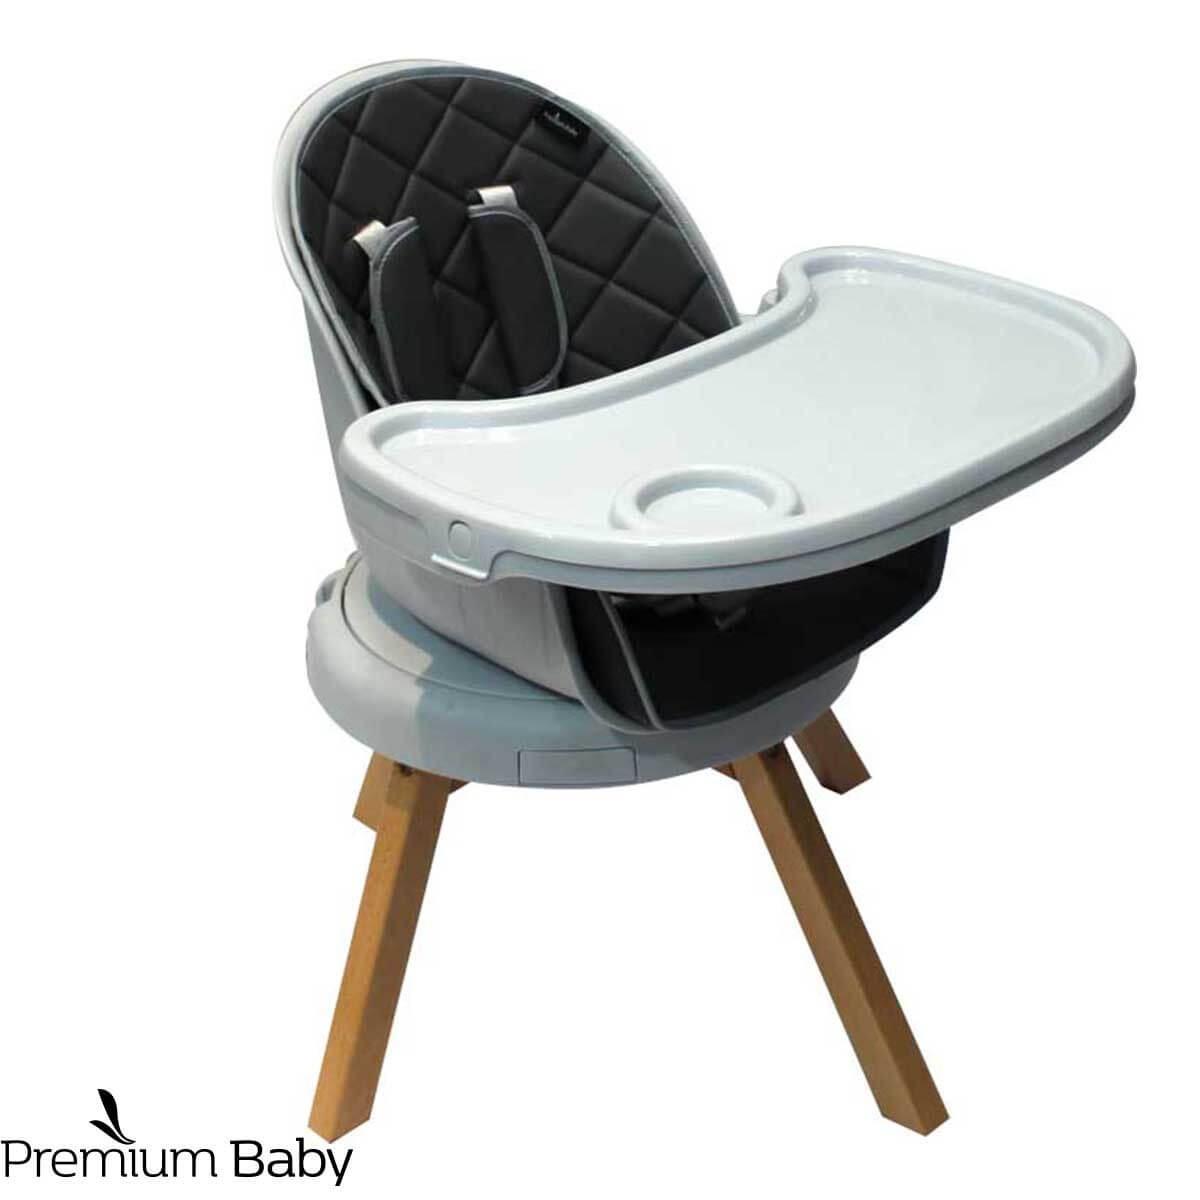 SILLA DE COMER 3 EN 1 PREMIUM BABY WOOD 360º